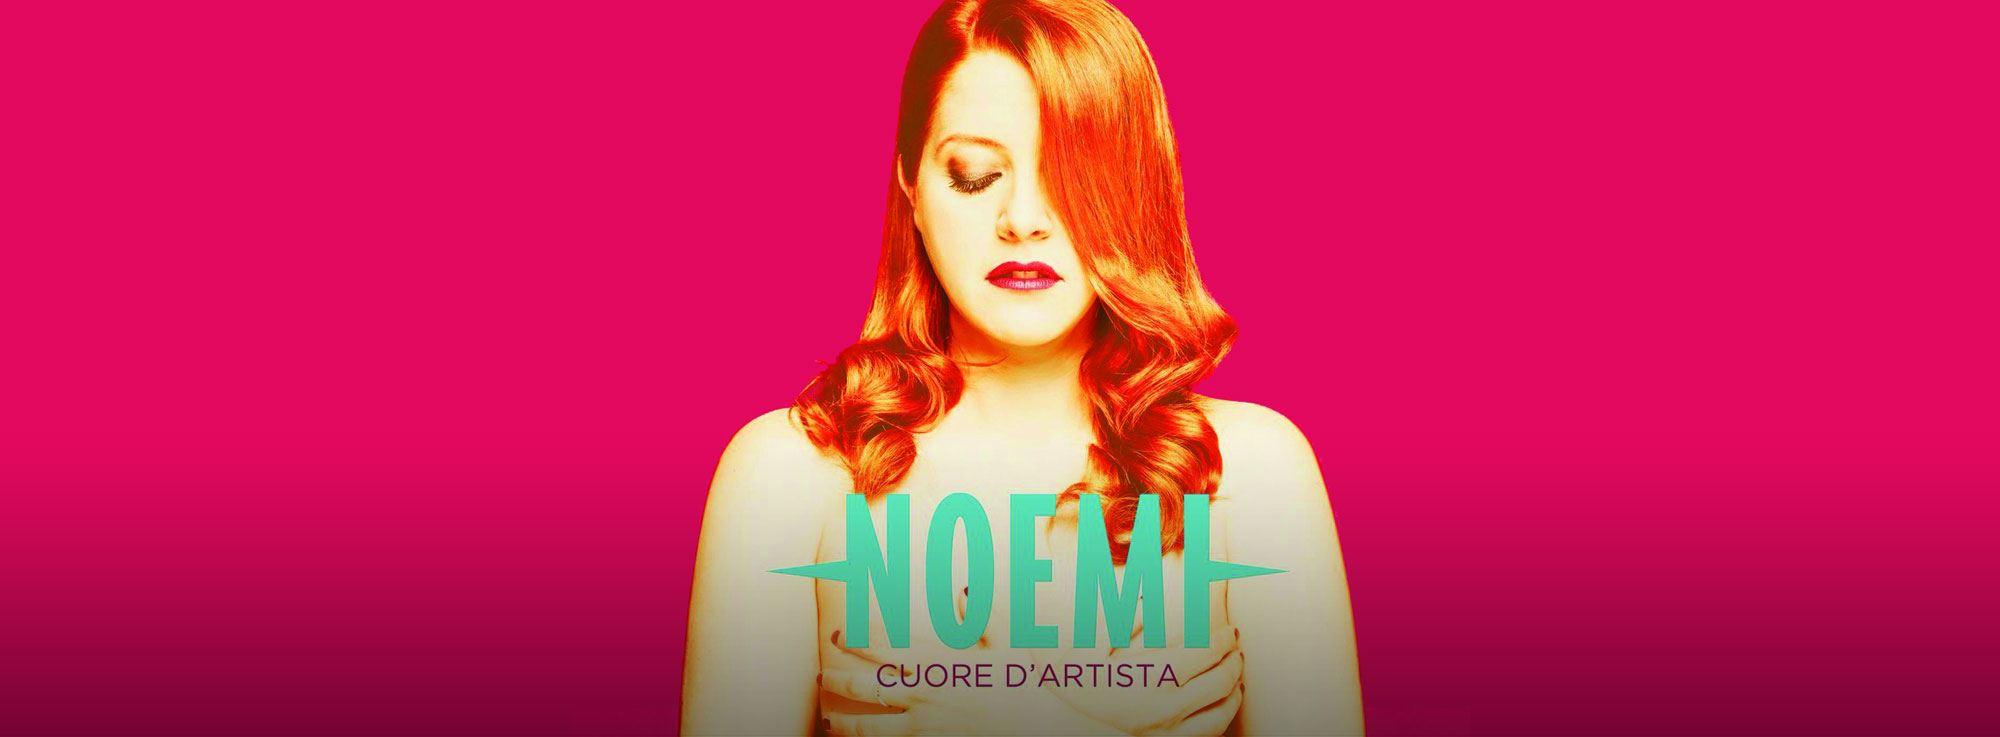 Modugno e Maglie: Noemi nel tour Cuore d'artista nei club